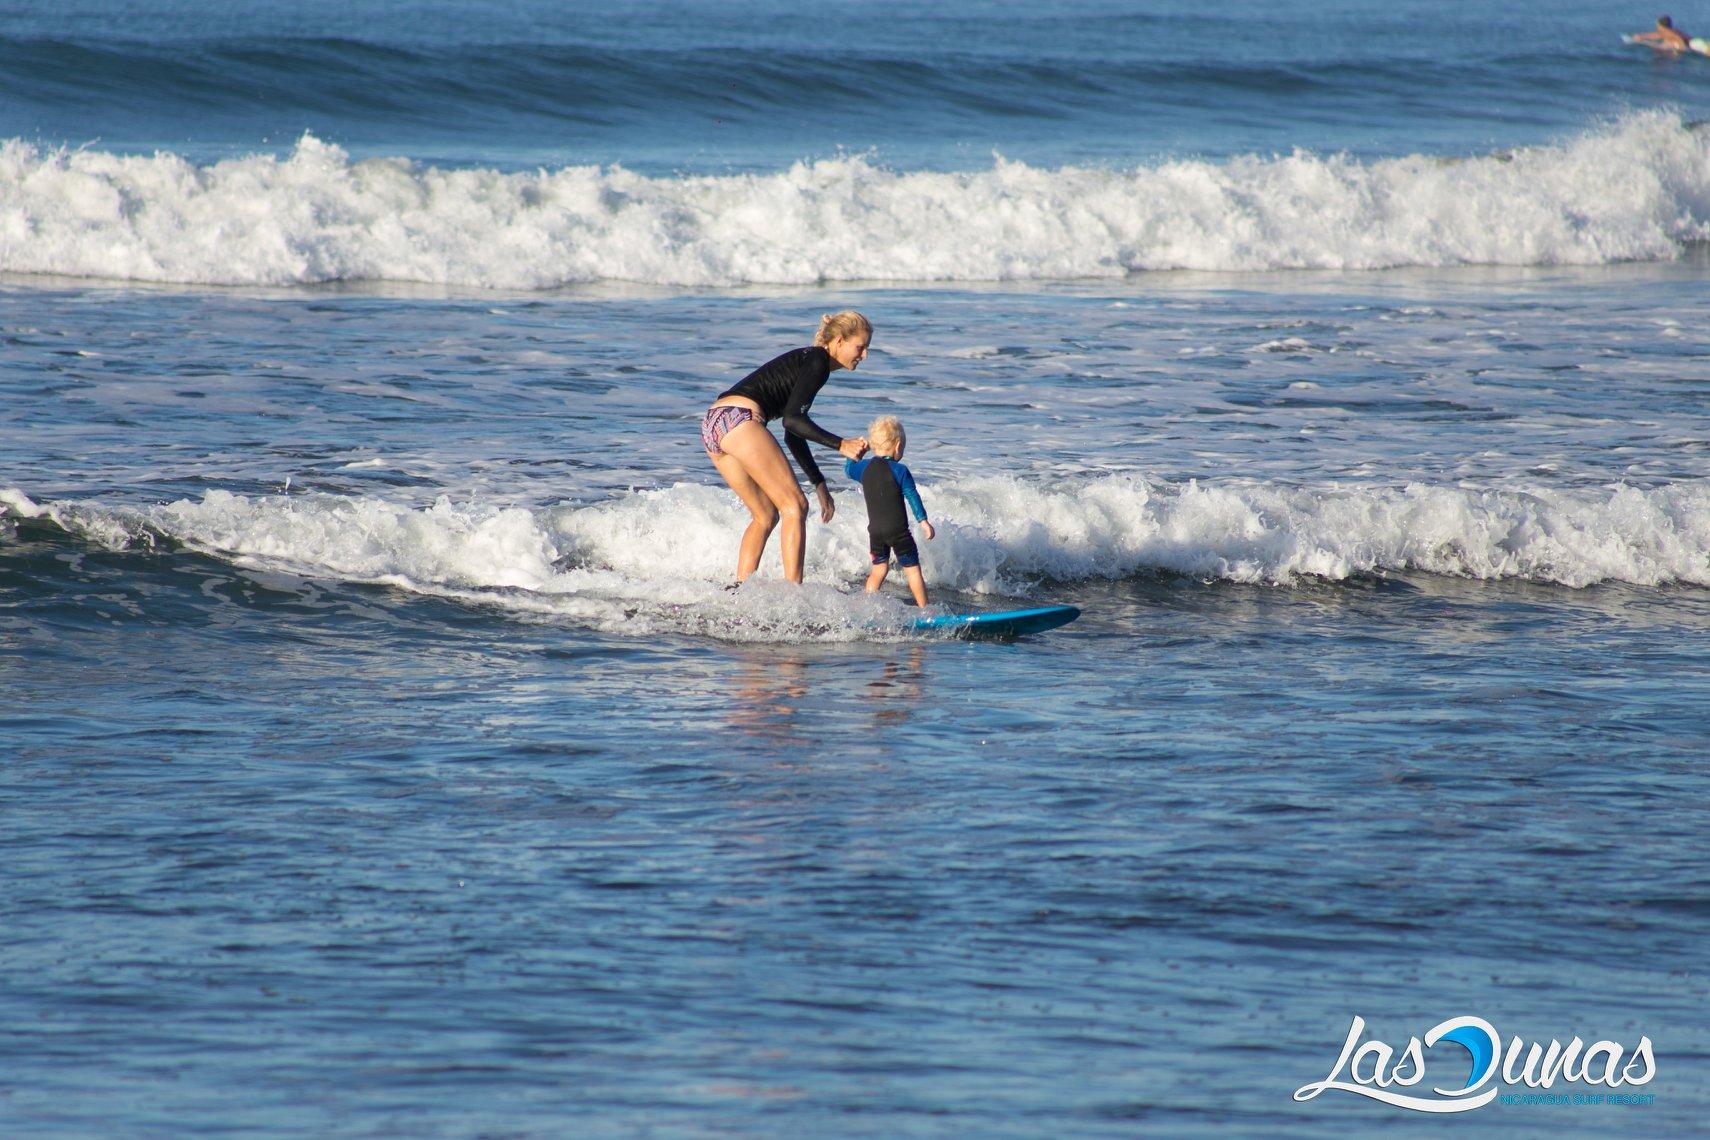 Surfboards for children